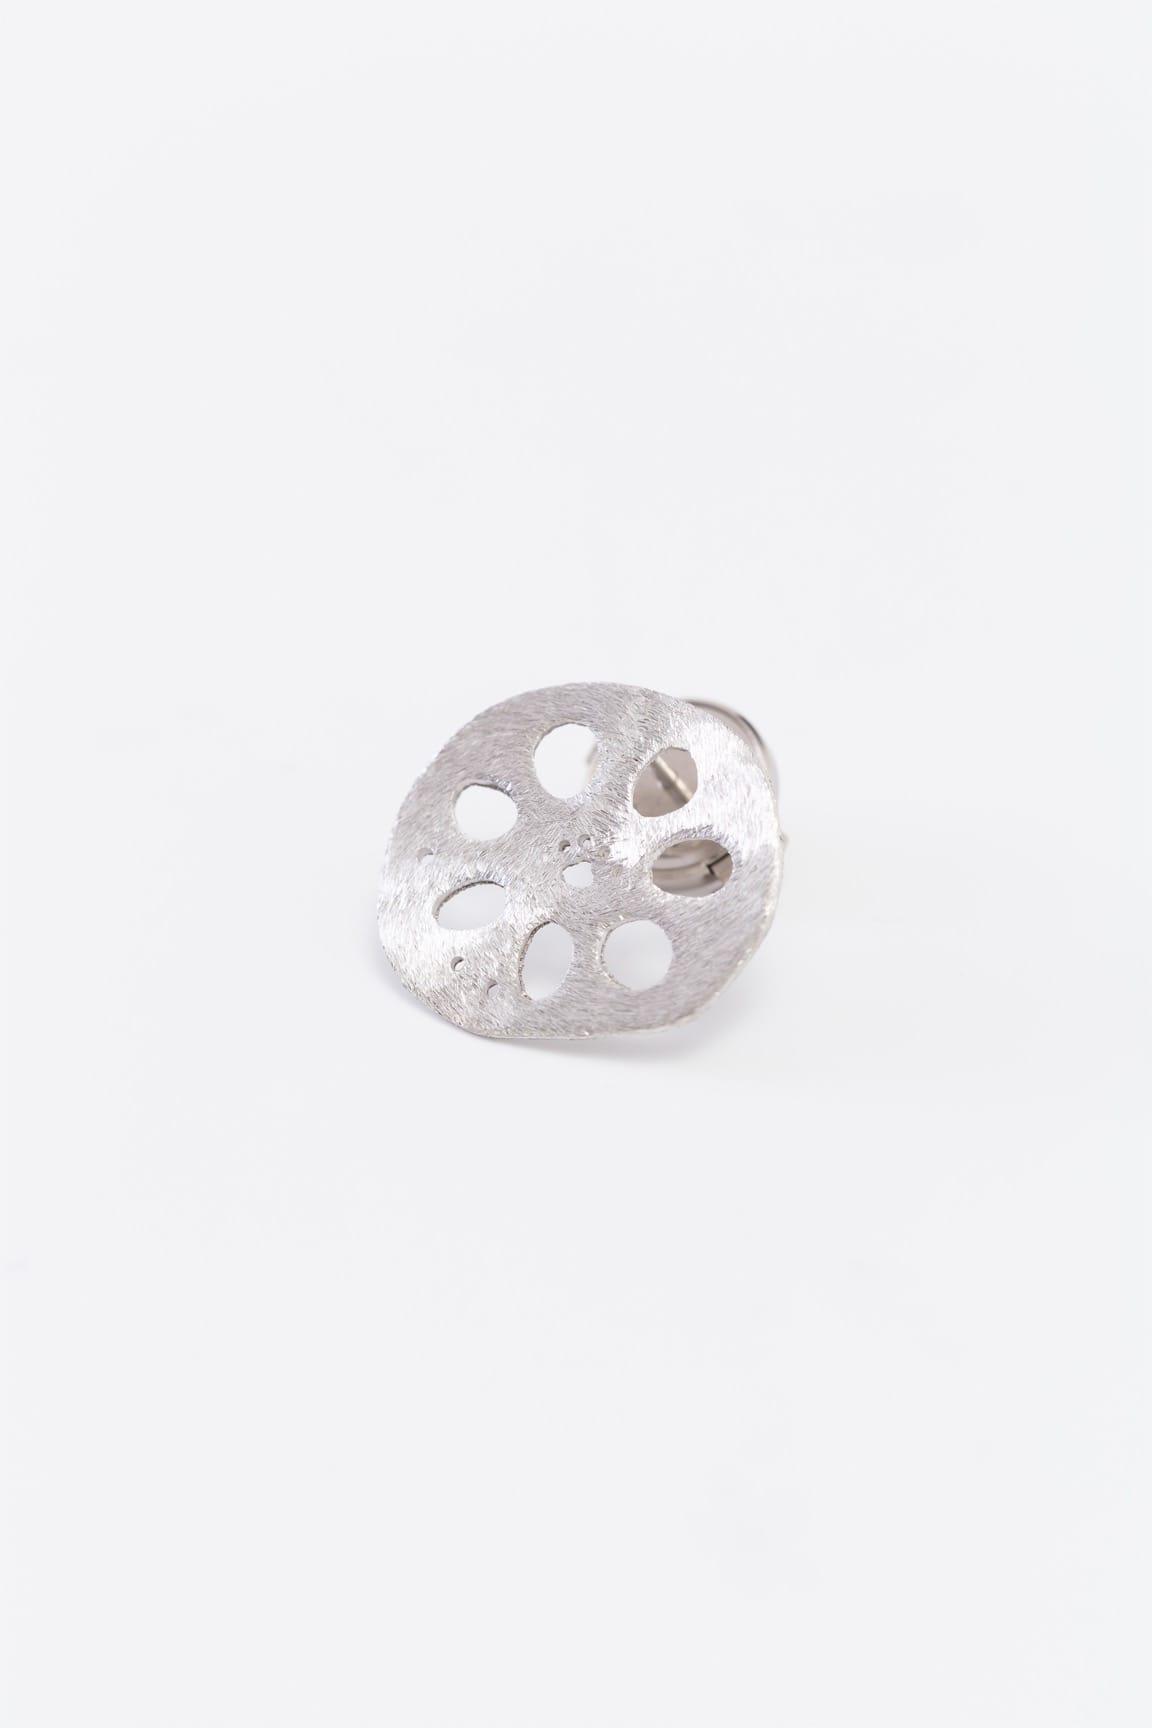 レンコンパッドピンブローチ(銀)